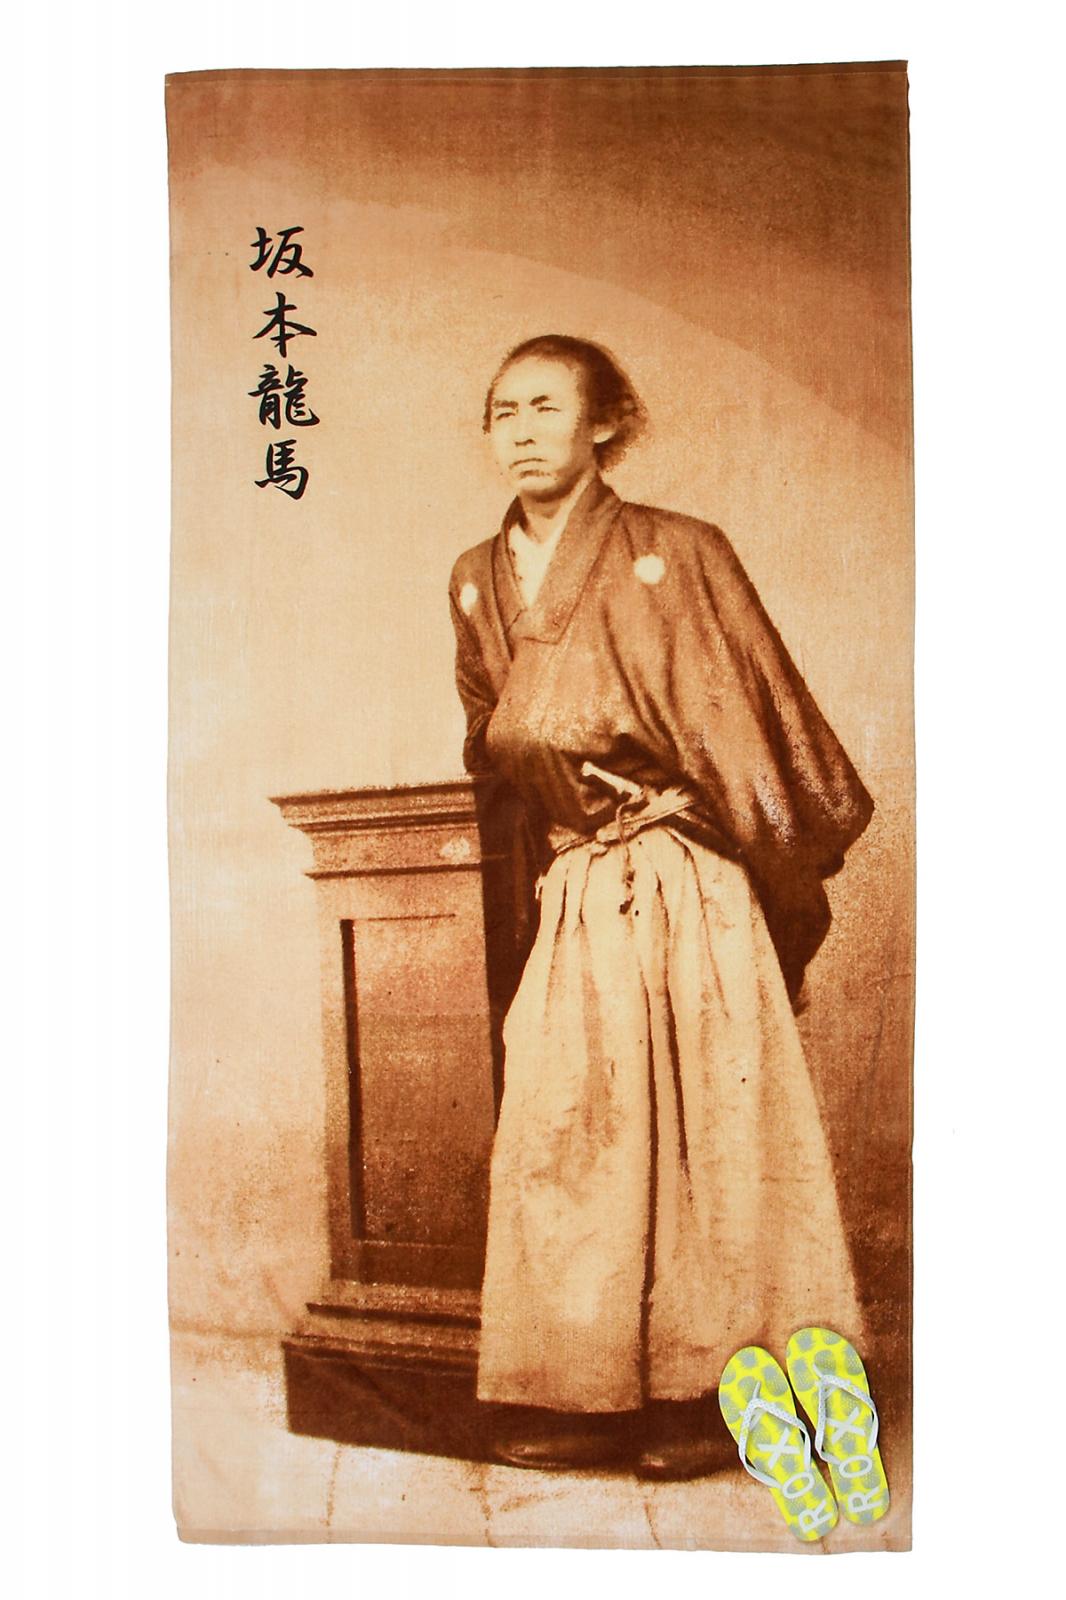 Полотенца с самураем оптом и в розницу, выгодно и быстро